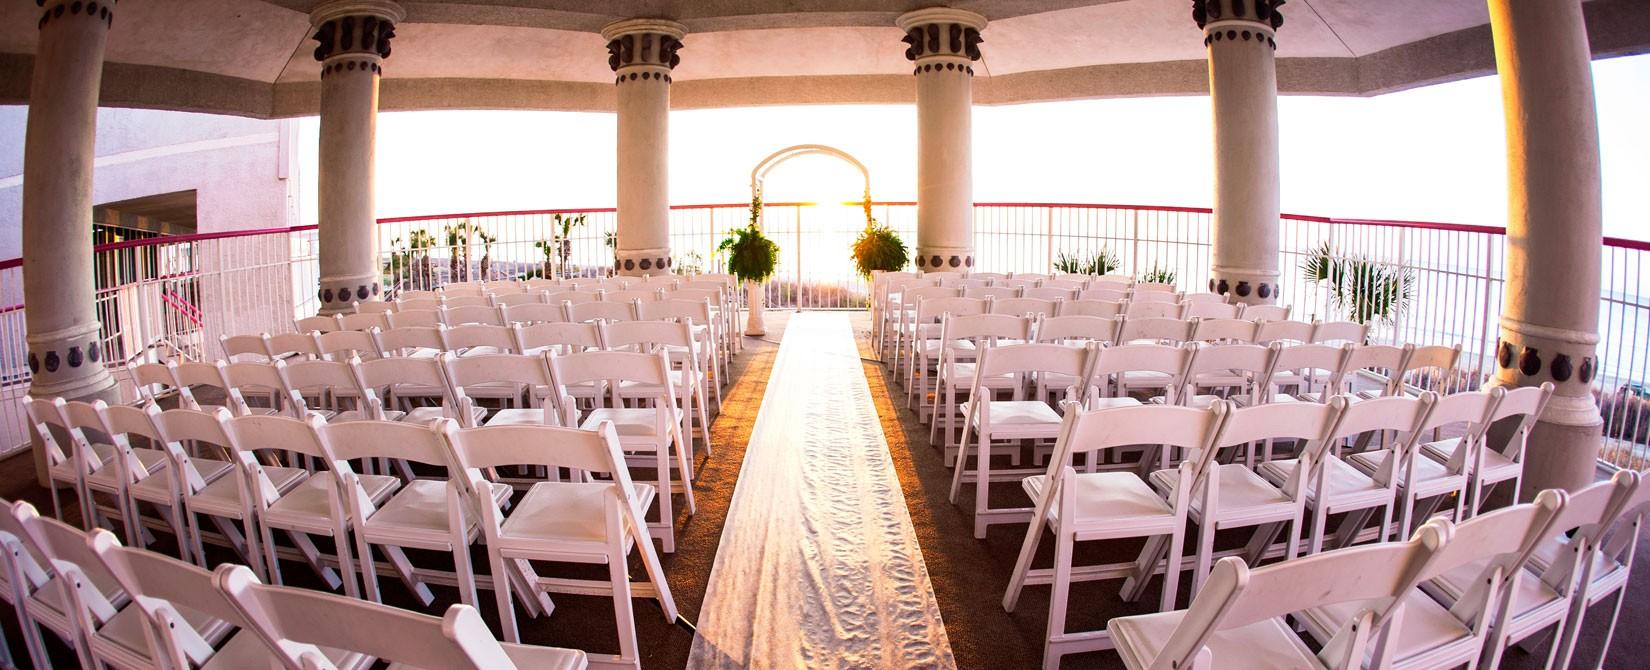 Wedding Alter On Outdoor Patio Overlooking The Ocean At Crown Reef Resort